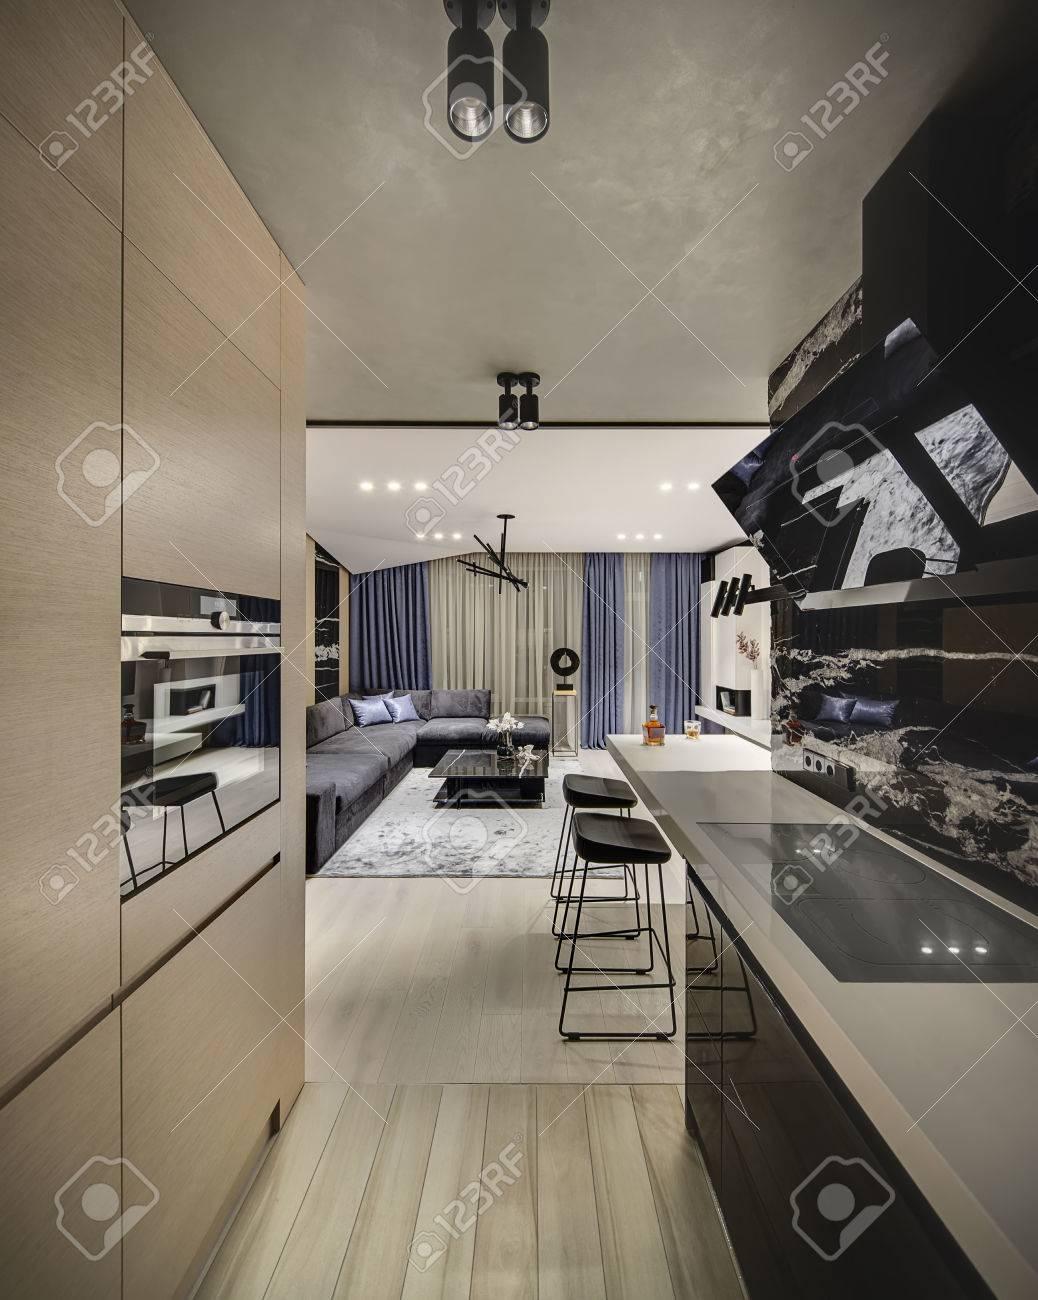 Interni In Stile Moderno Con Una Zona Cucina E Un Salotto. C\'è Un ...